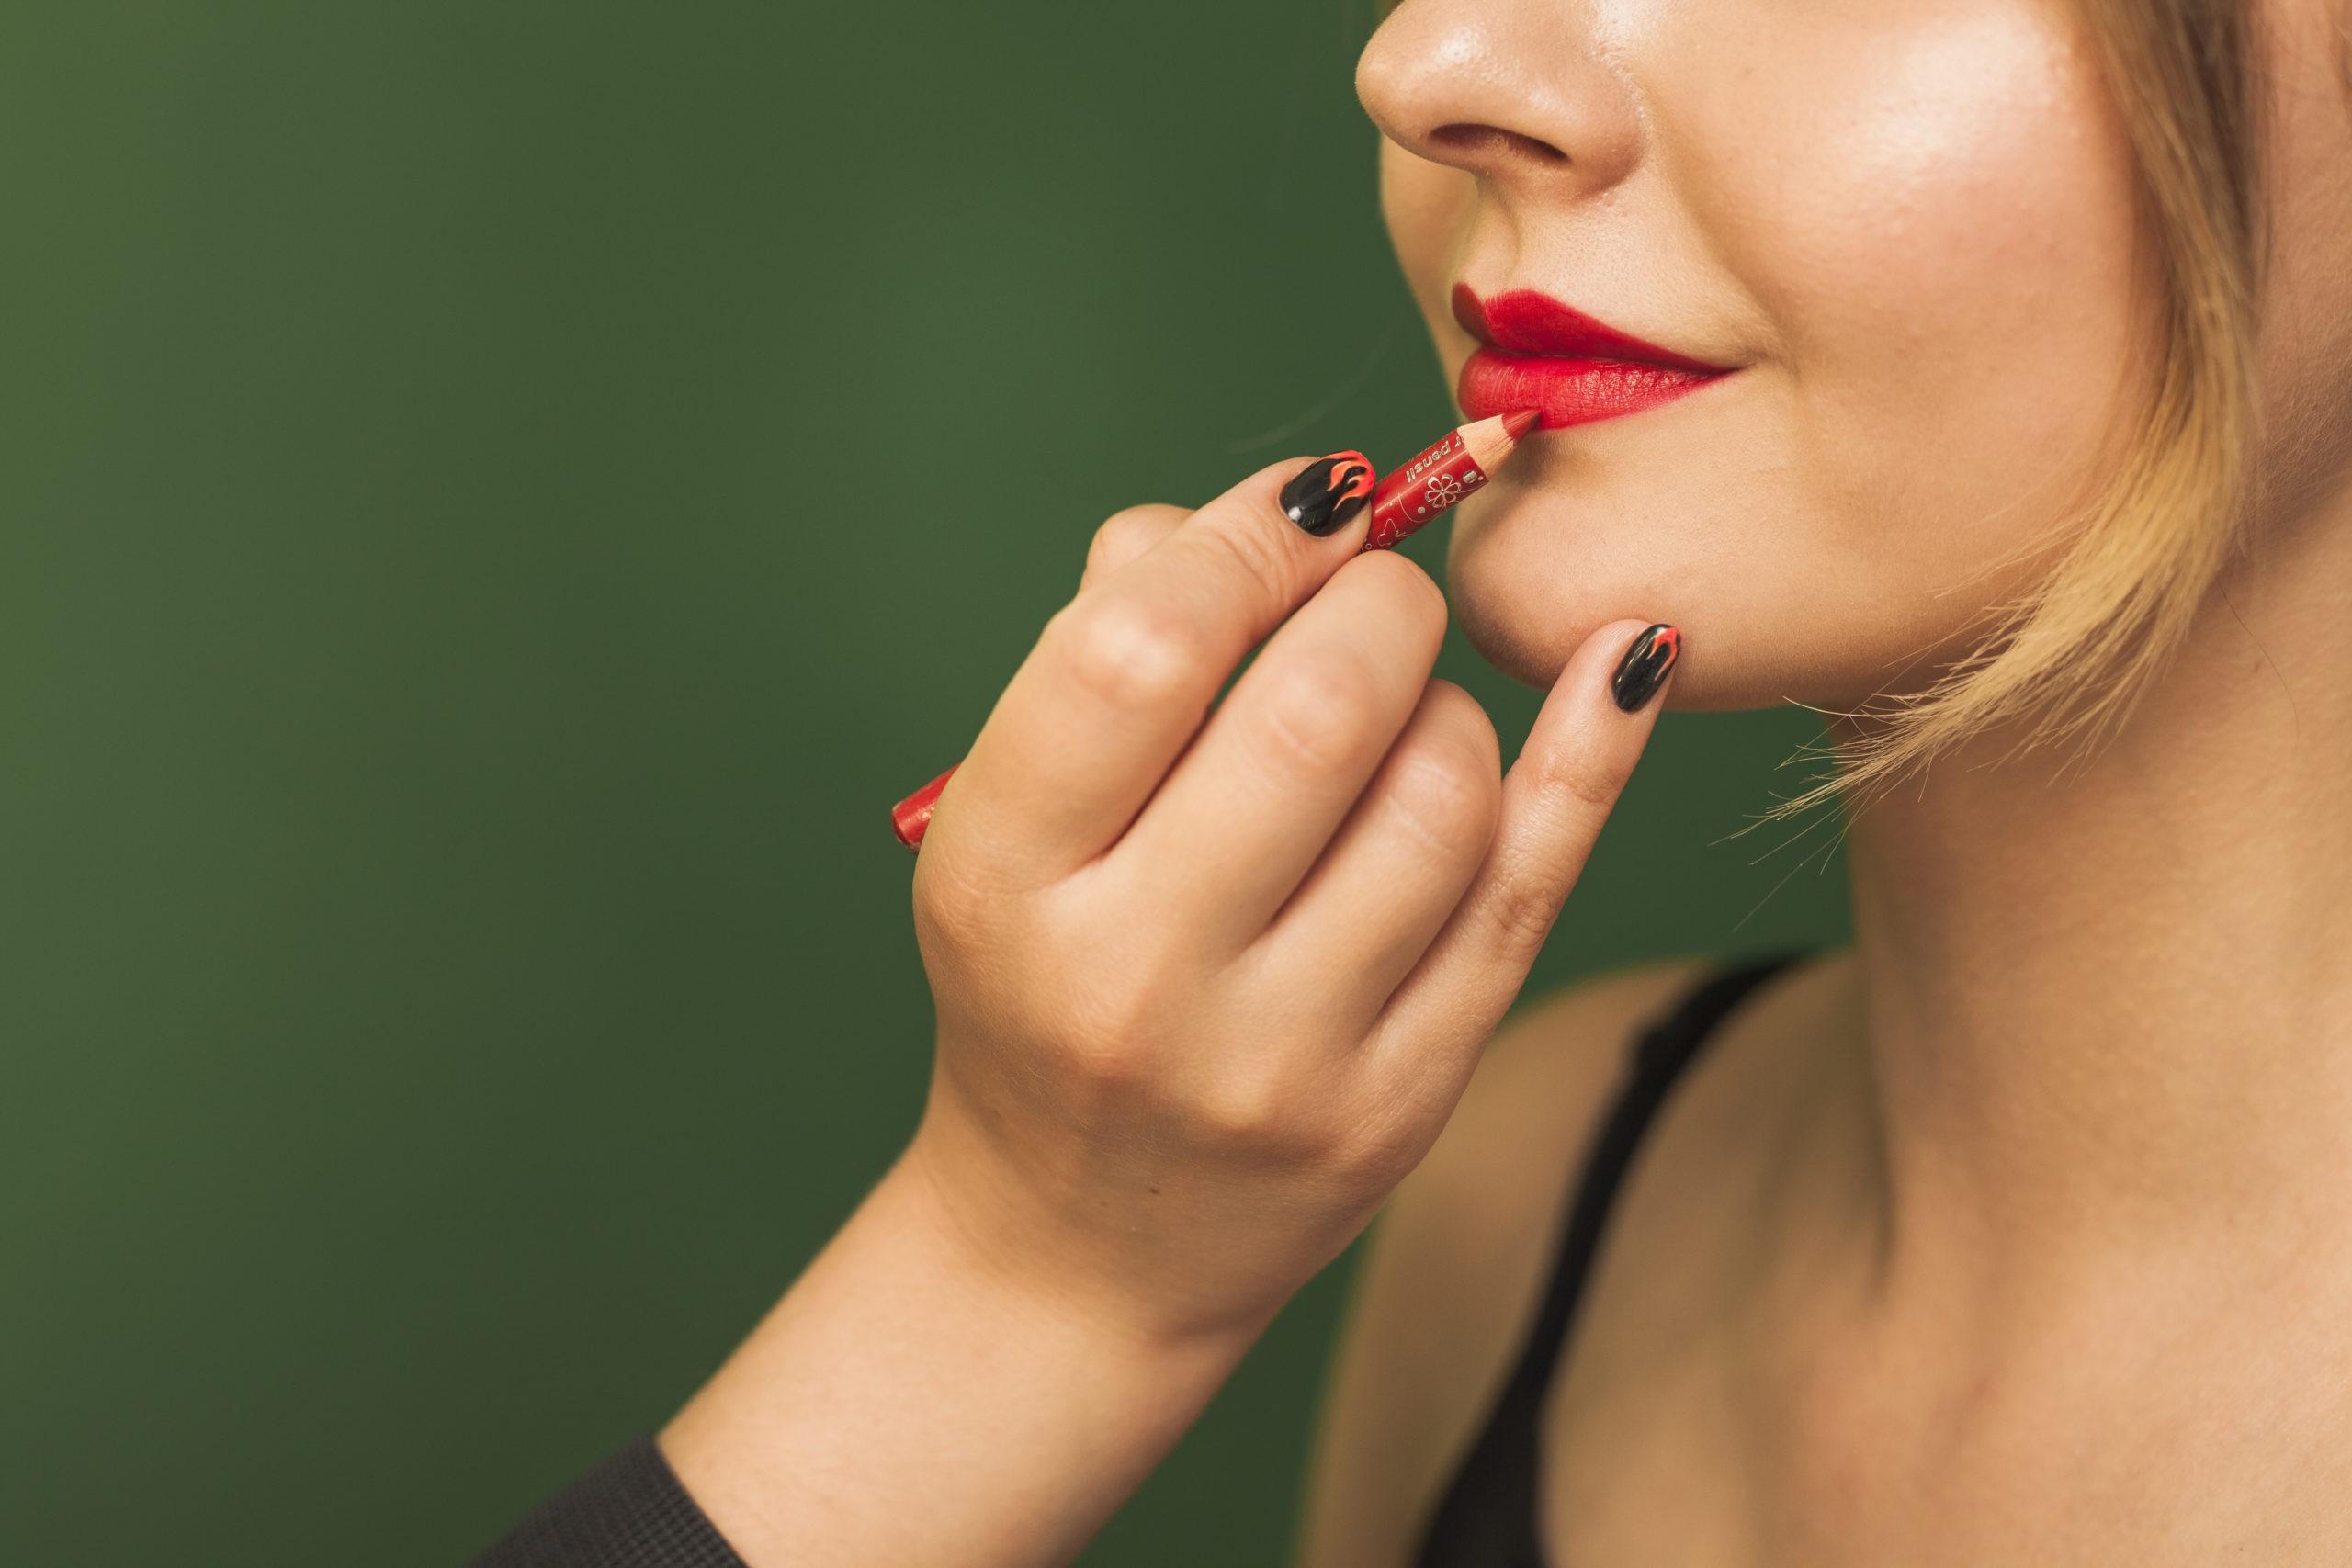 maquillar labios